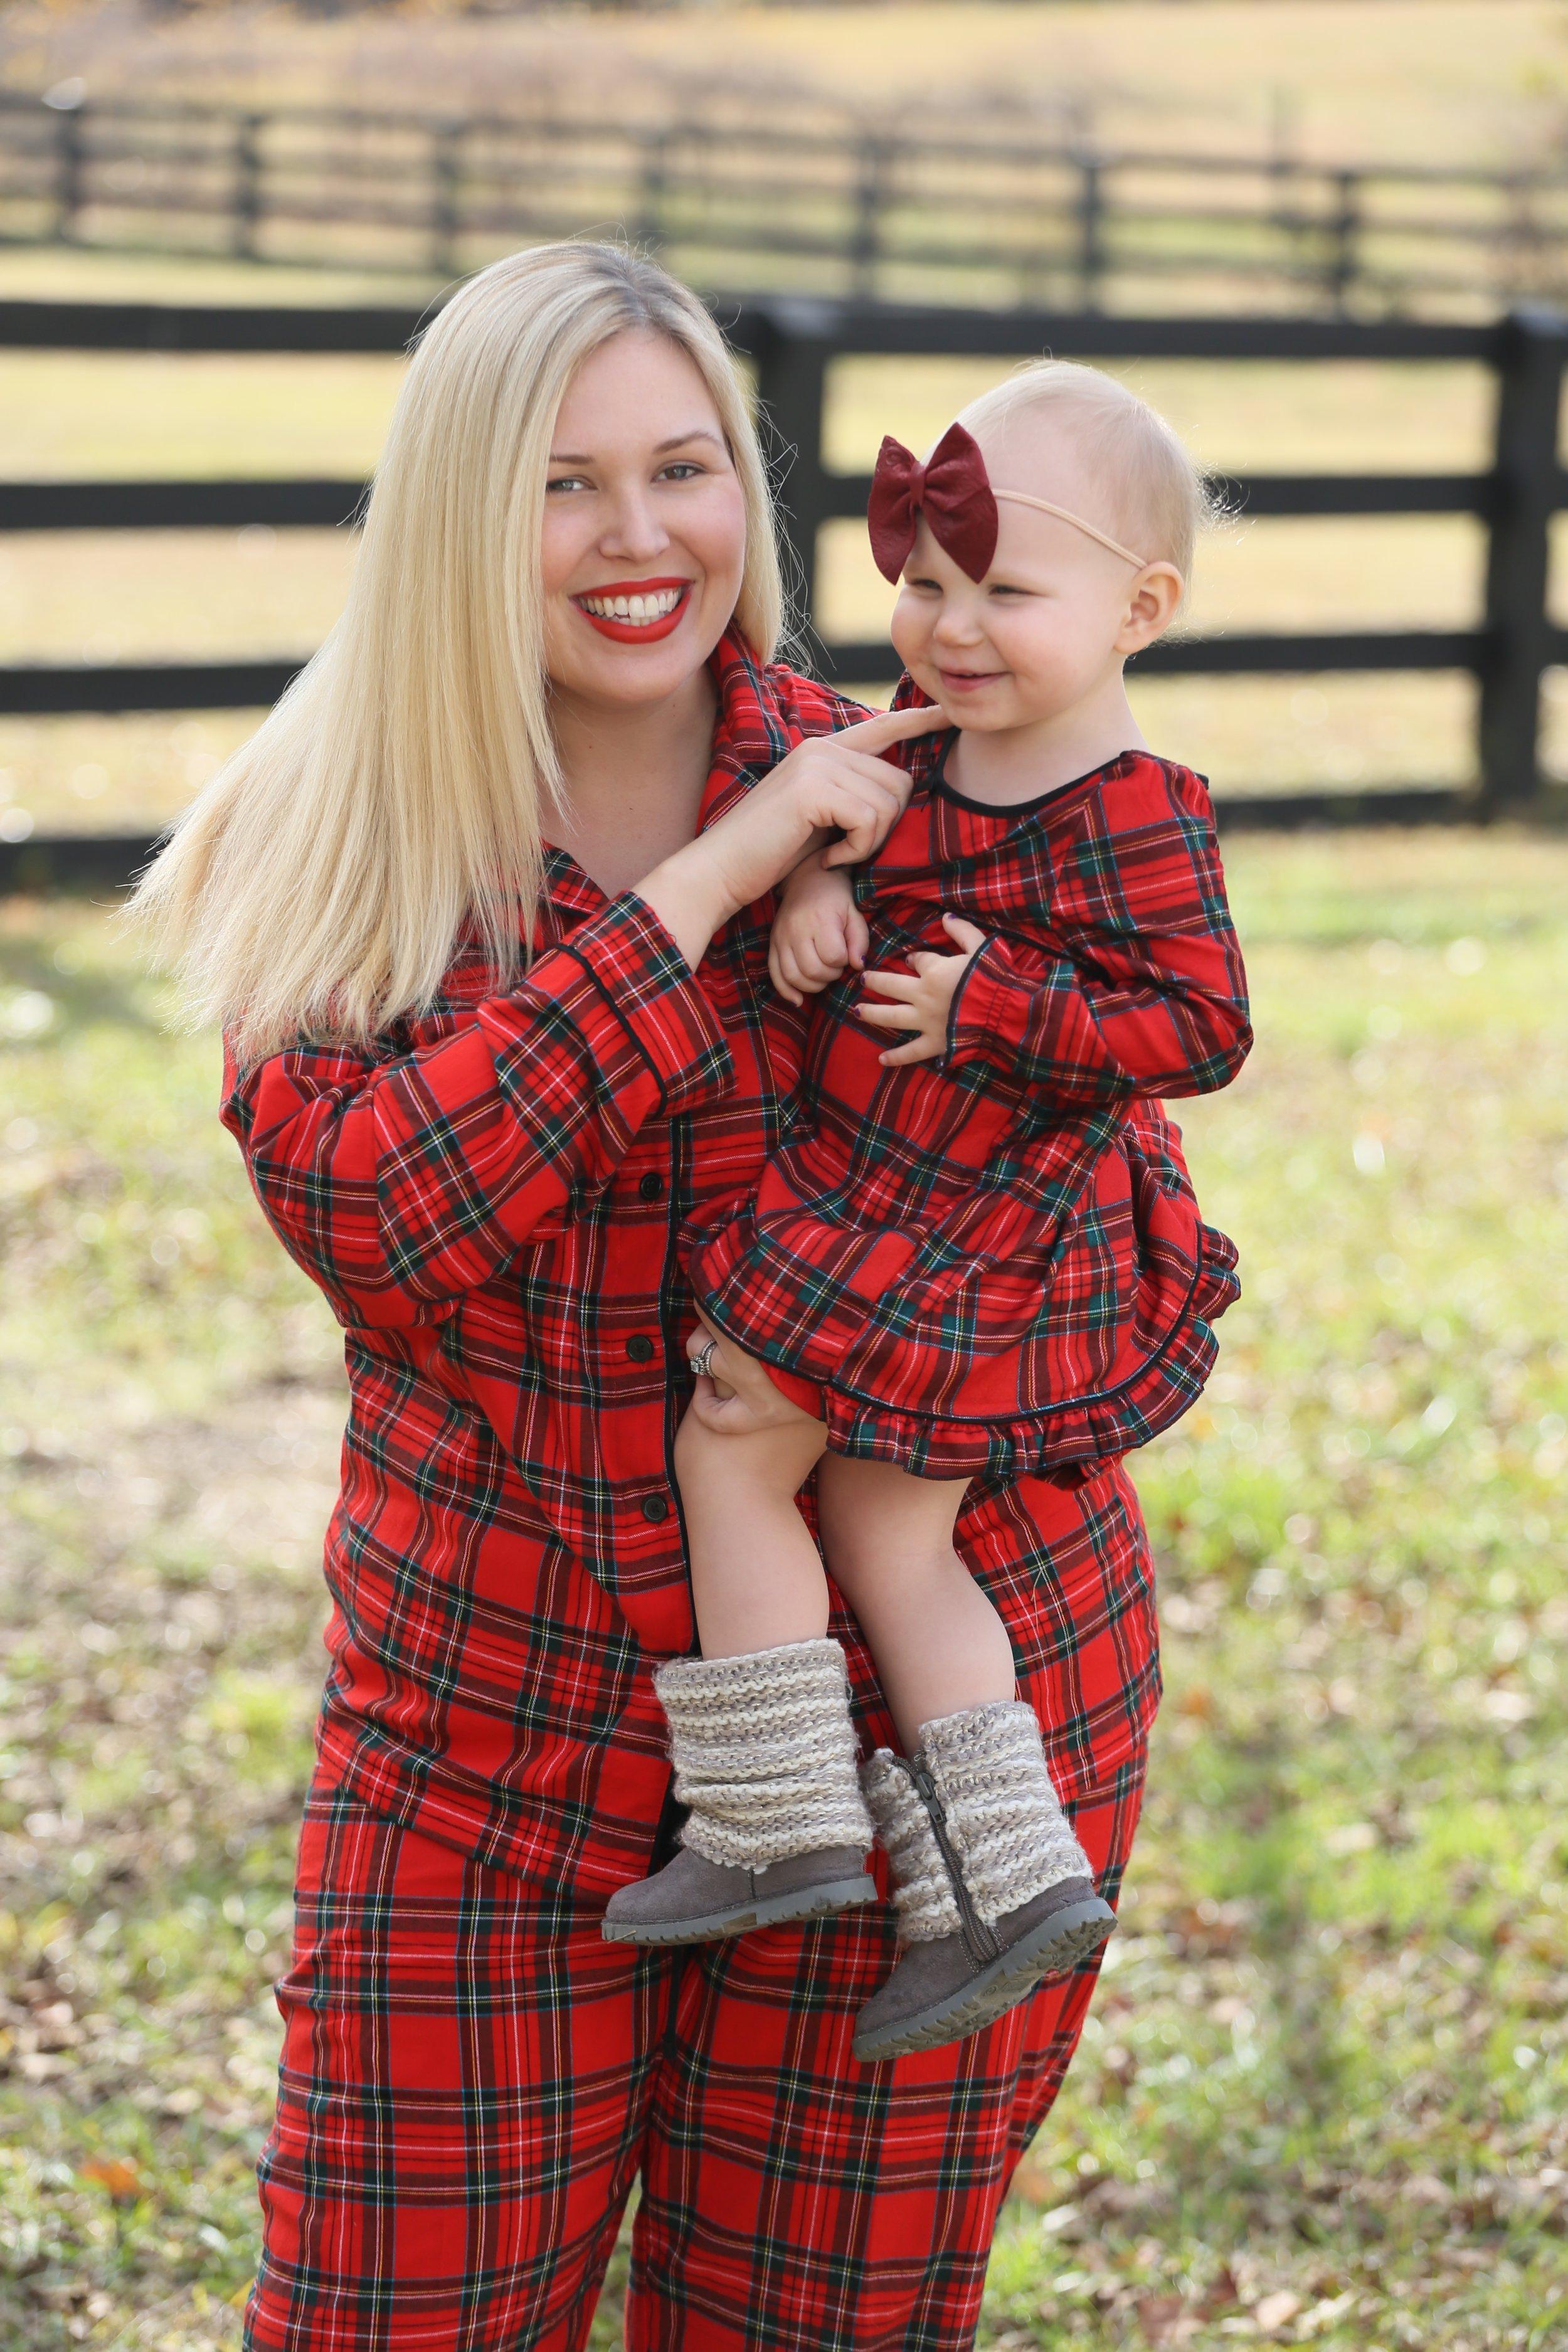 matchingchristmasjammies 243.jpg